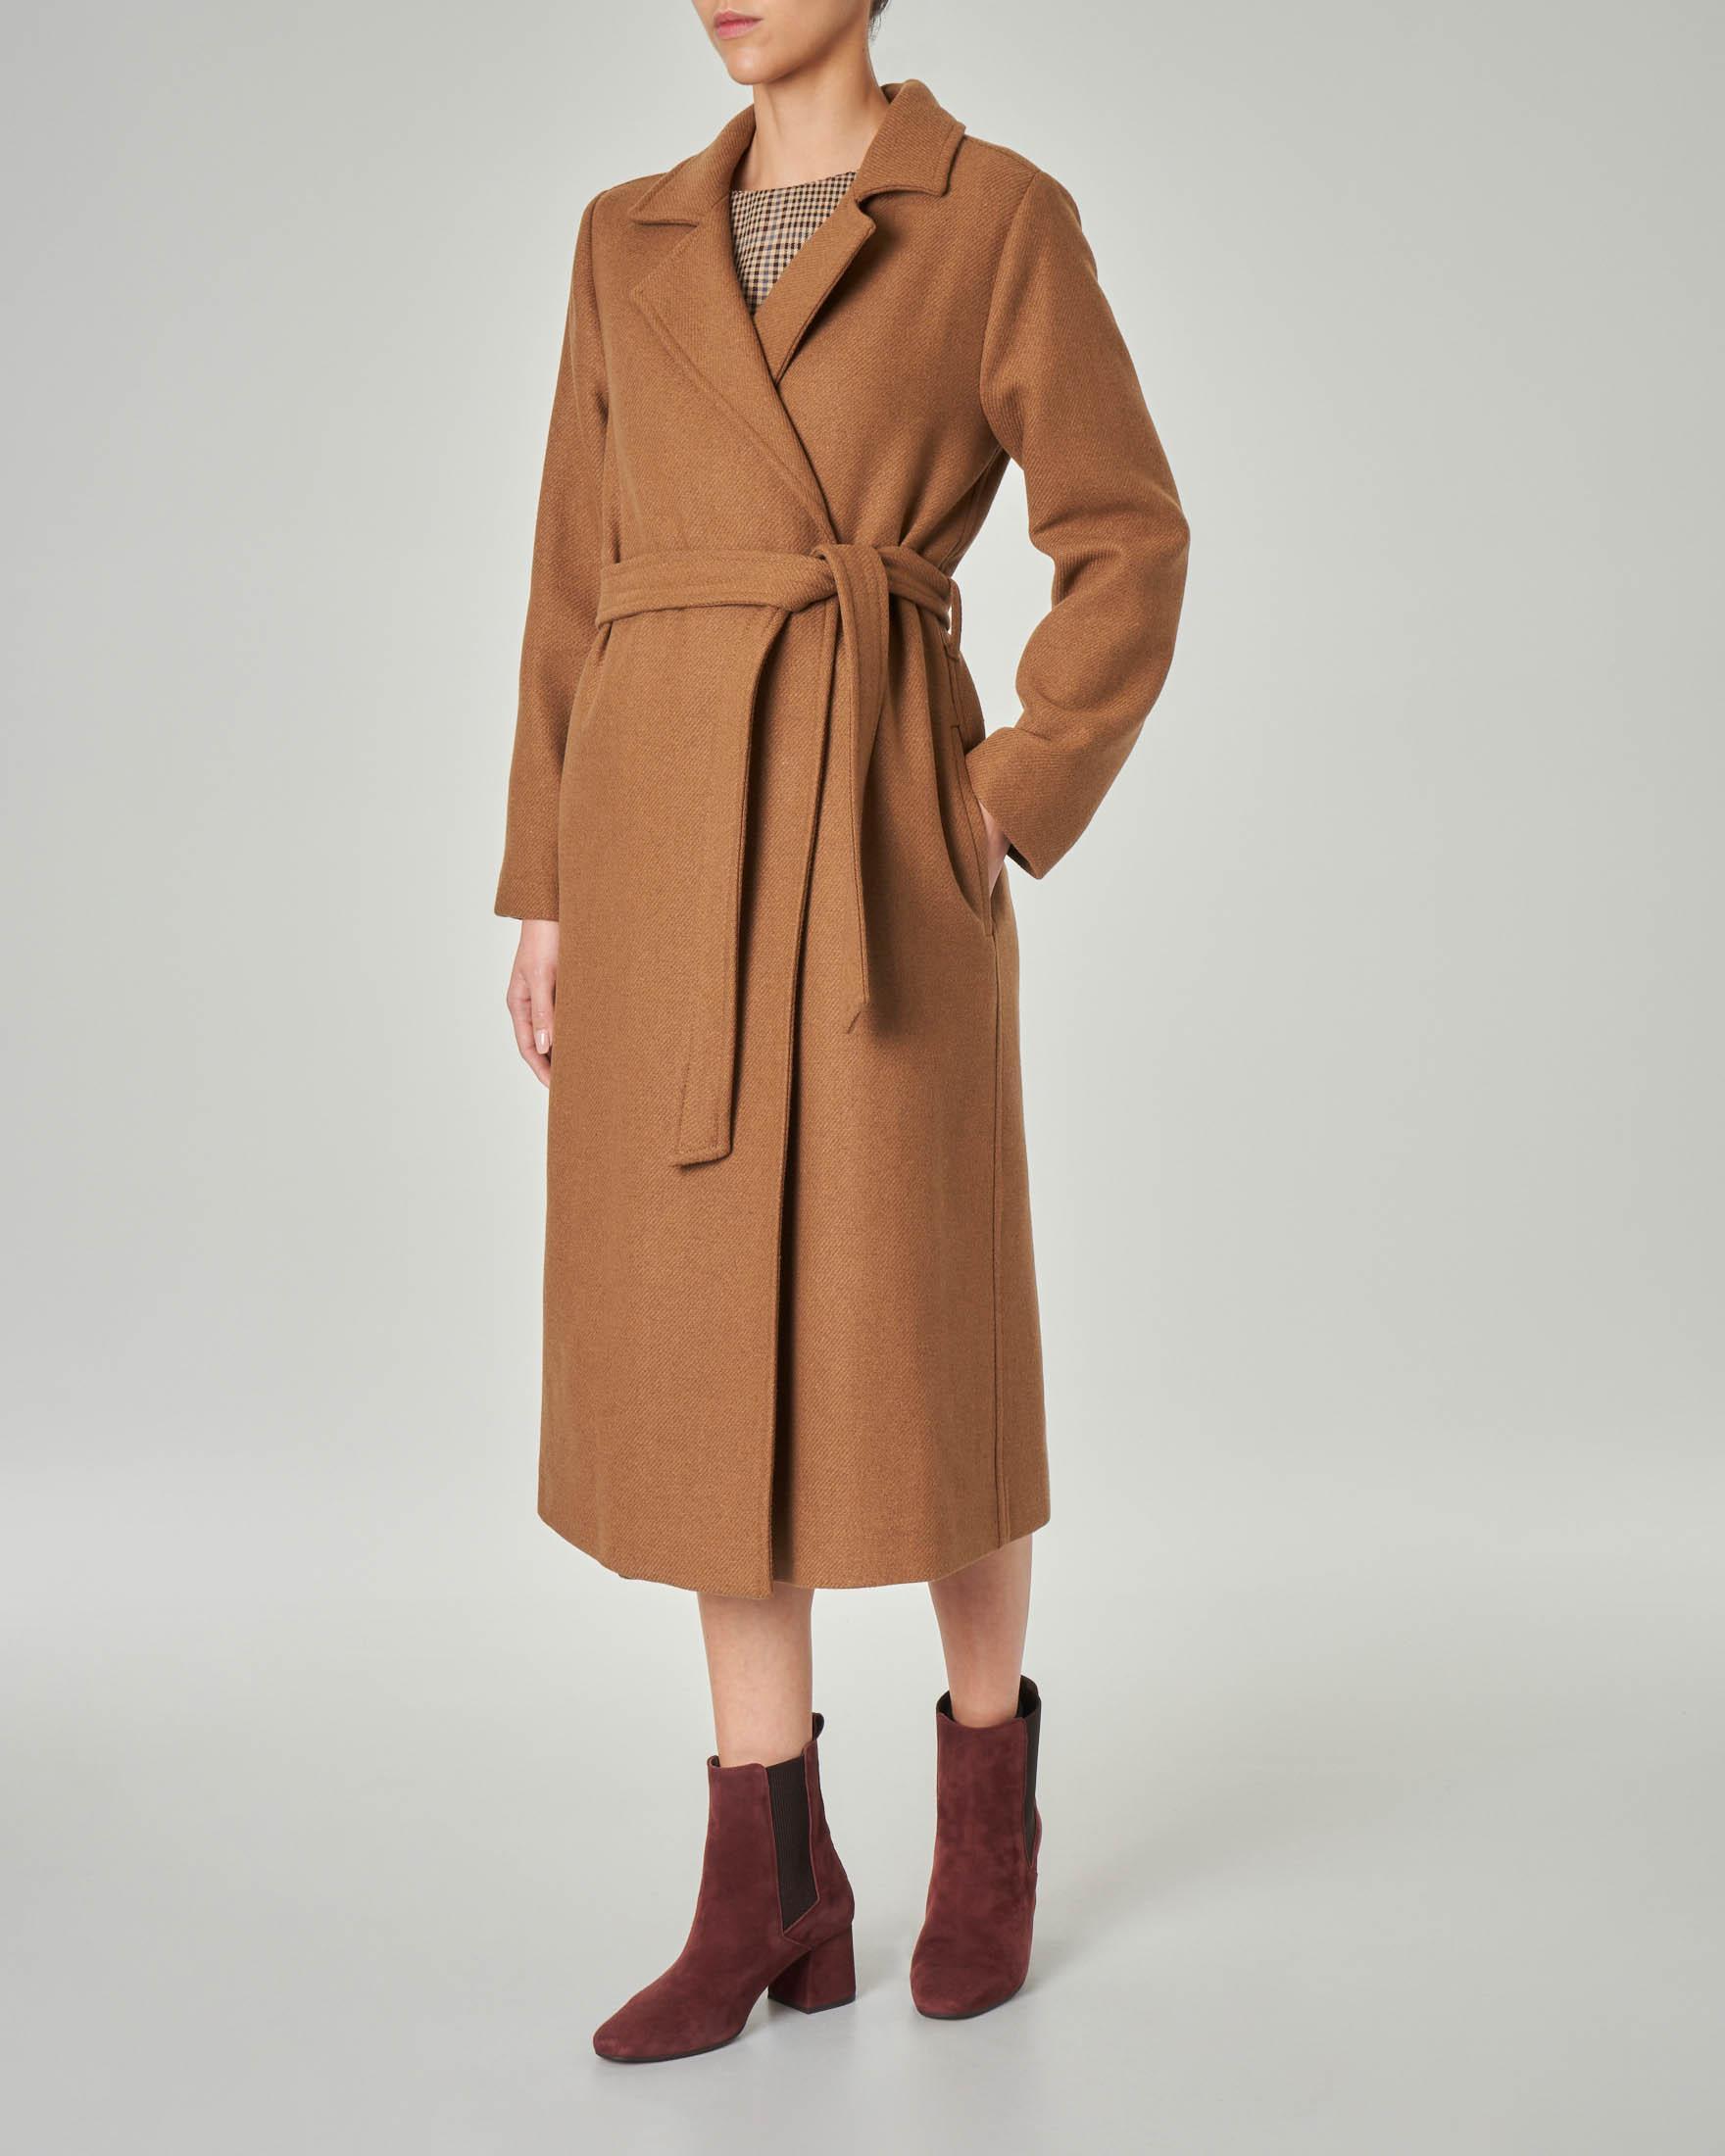 Cappotto color bruciato a vestaglia in misto lana con collo a rever